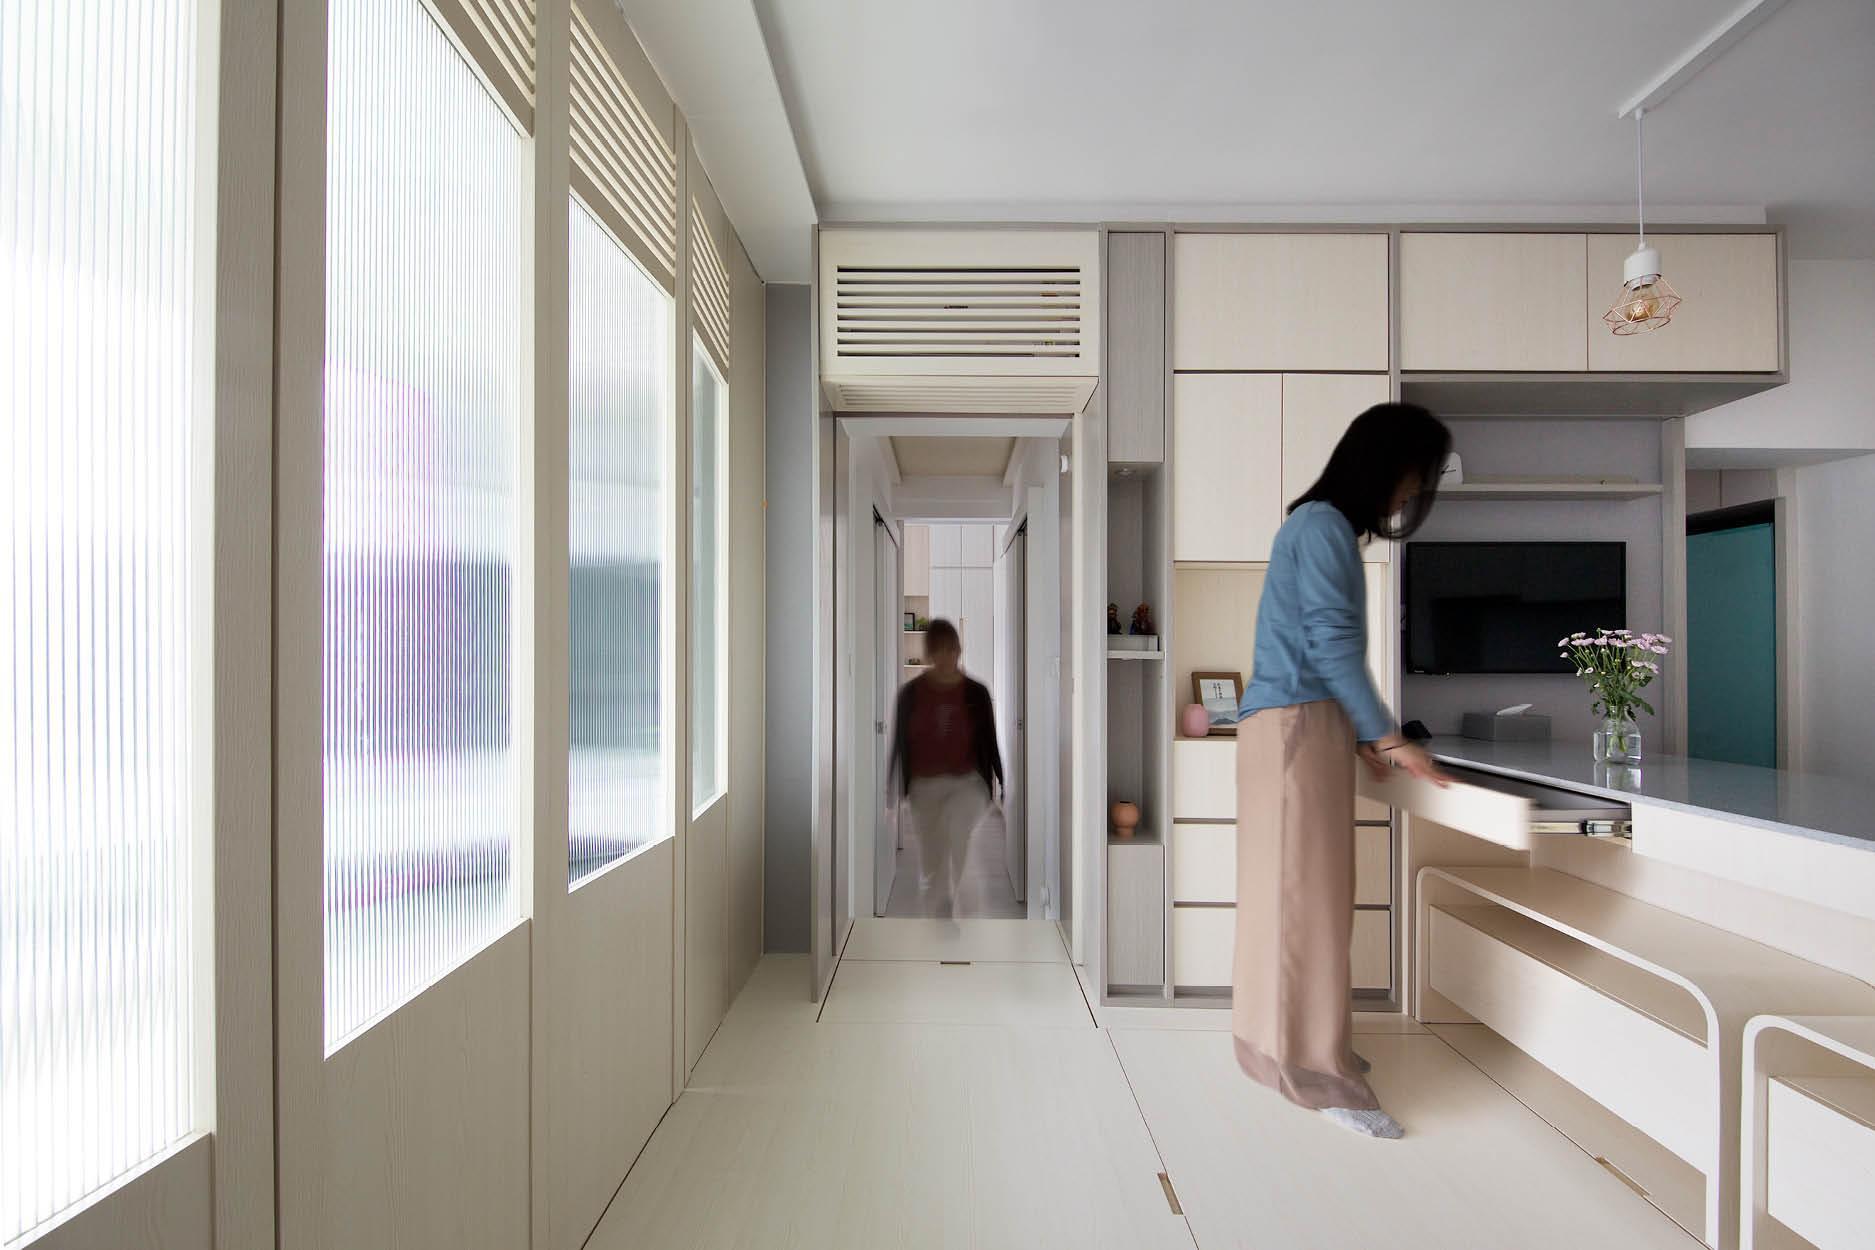 Căn hộ 45m² với mẹo bố trí hợp phong thủy giúp không gian thêm vượng khí, vợ chồng thêm thuận hòa  - Ảnh 13.